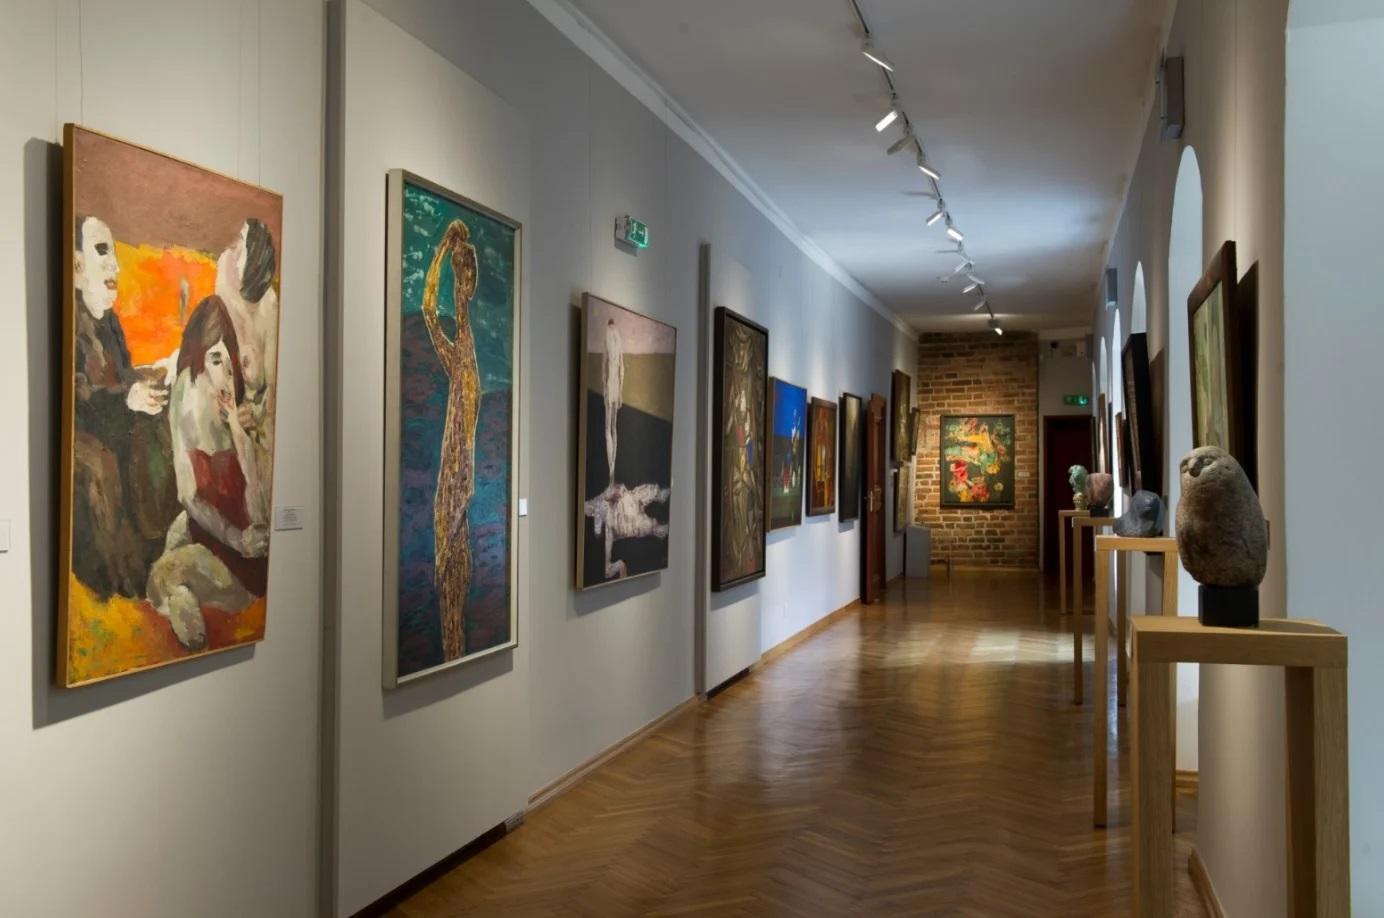 Wirtualne zwiedzanie Ratusza Staromiejskiego w Toruniu